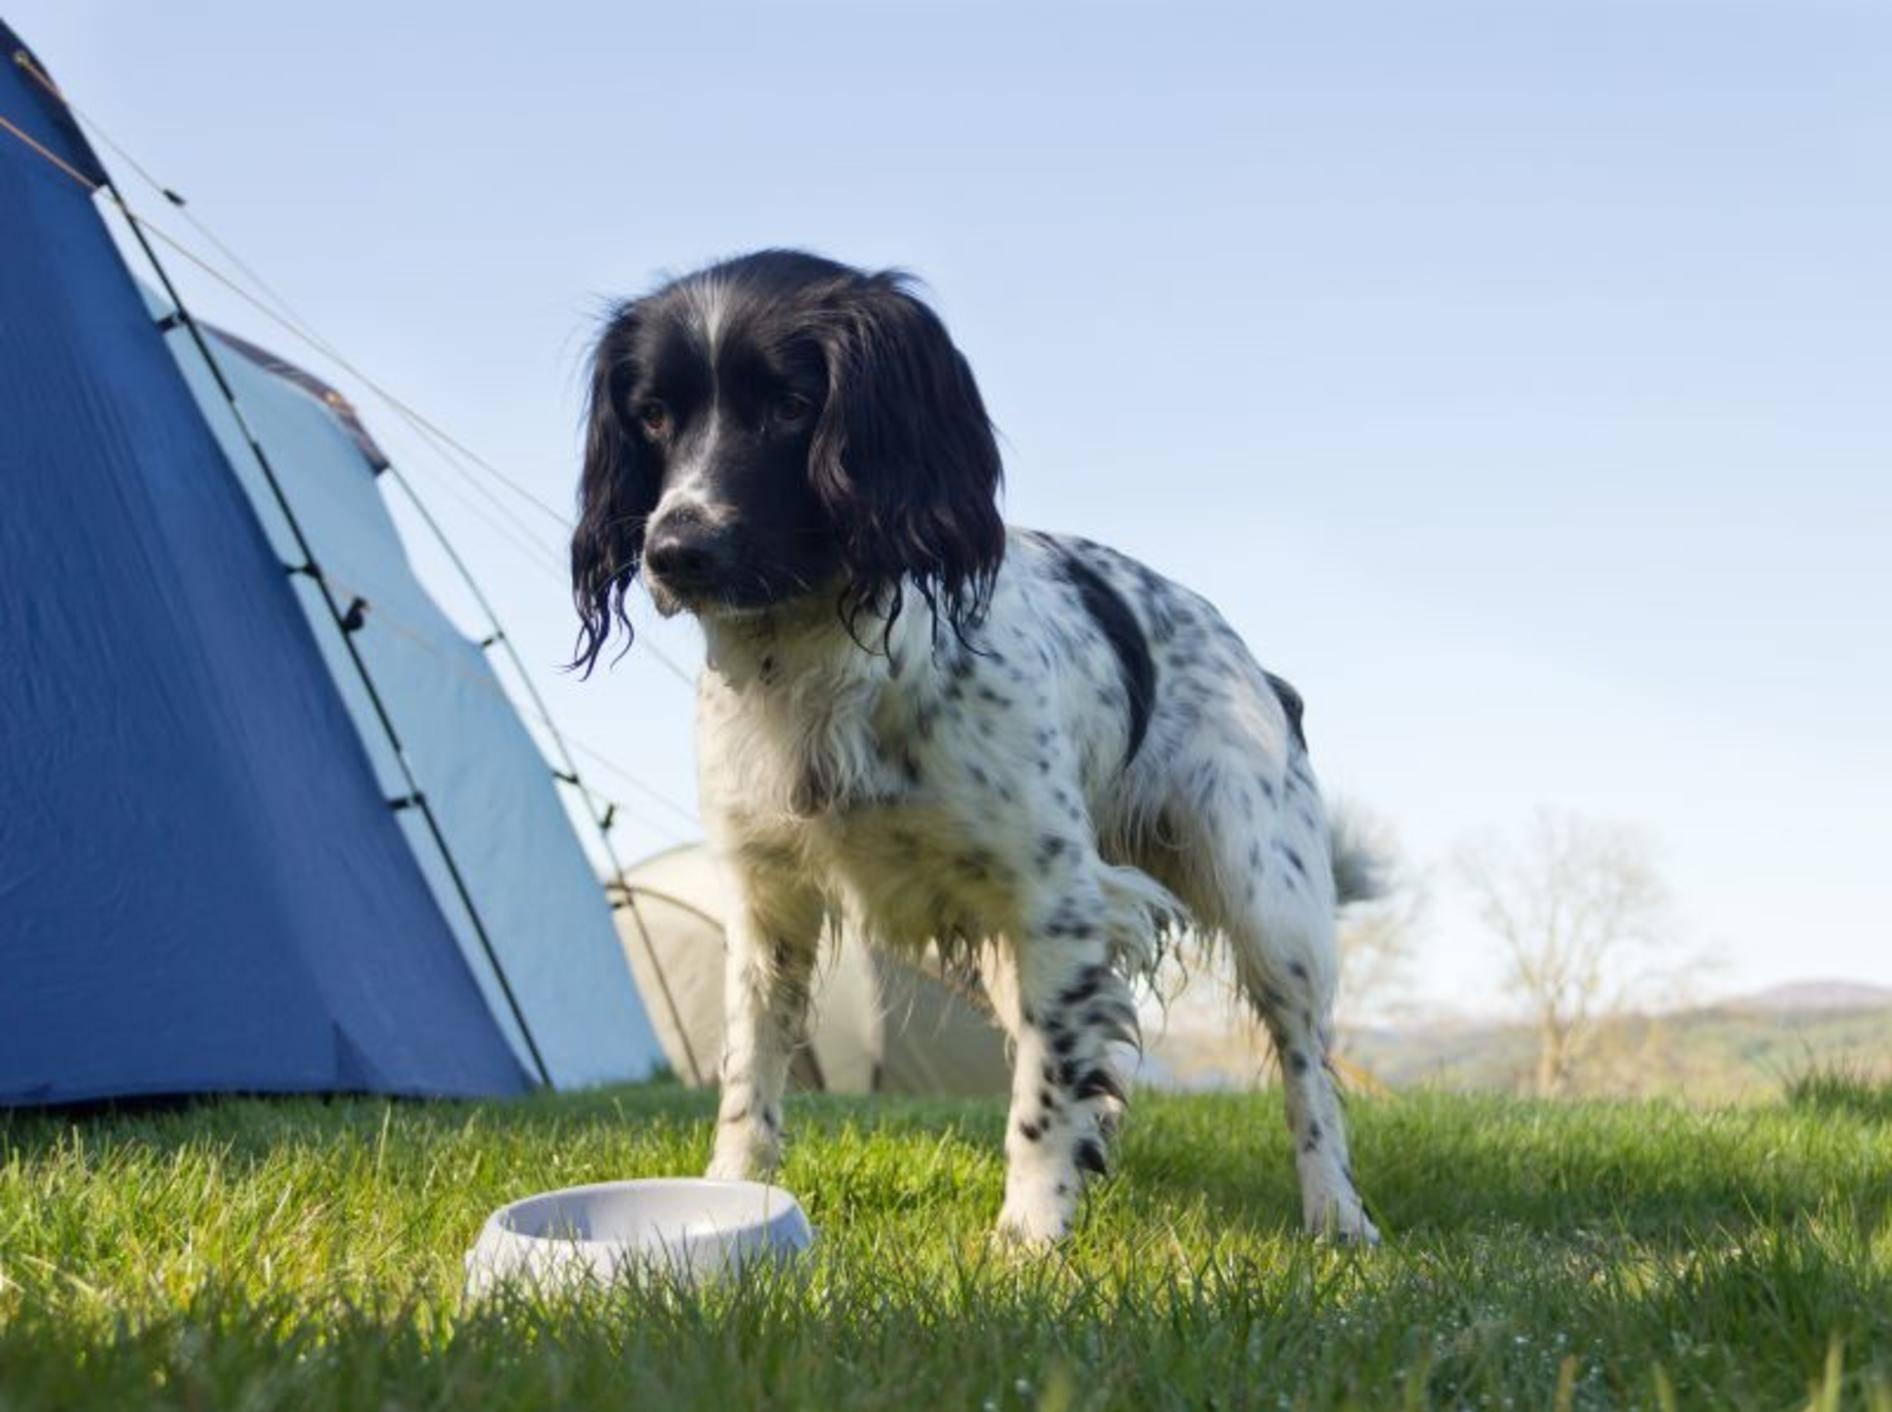 Neben Futter- und Trinknapf gehört auch das Lieblingsfutter des Hundes ins Reisegepäck – Bild: Shutterstock / GroomesPhotography